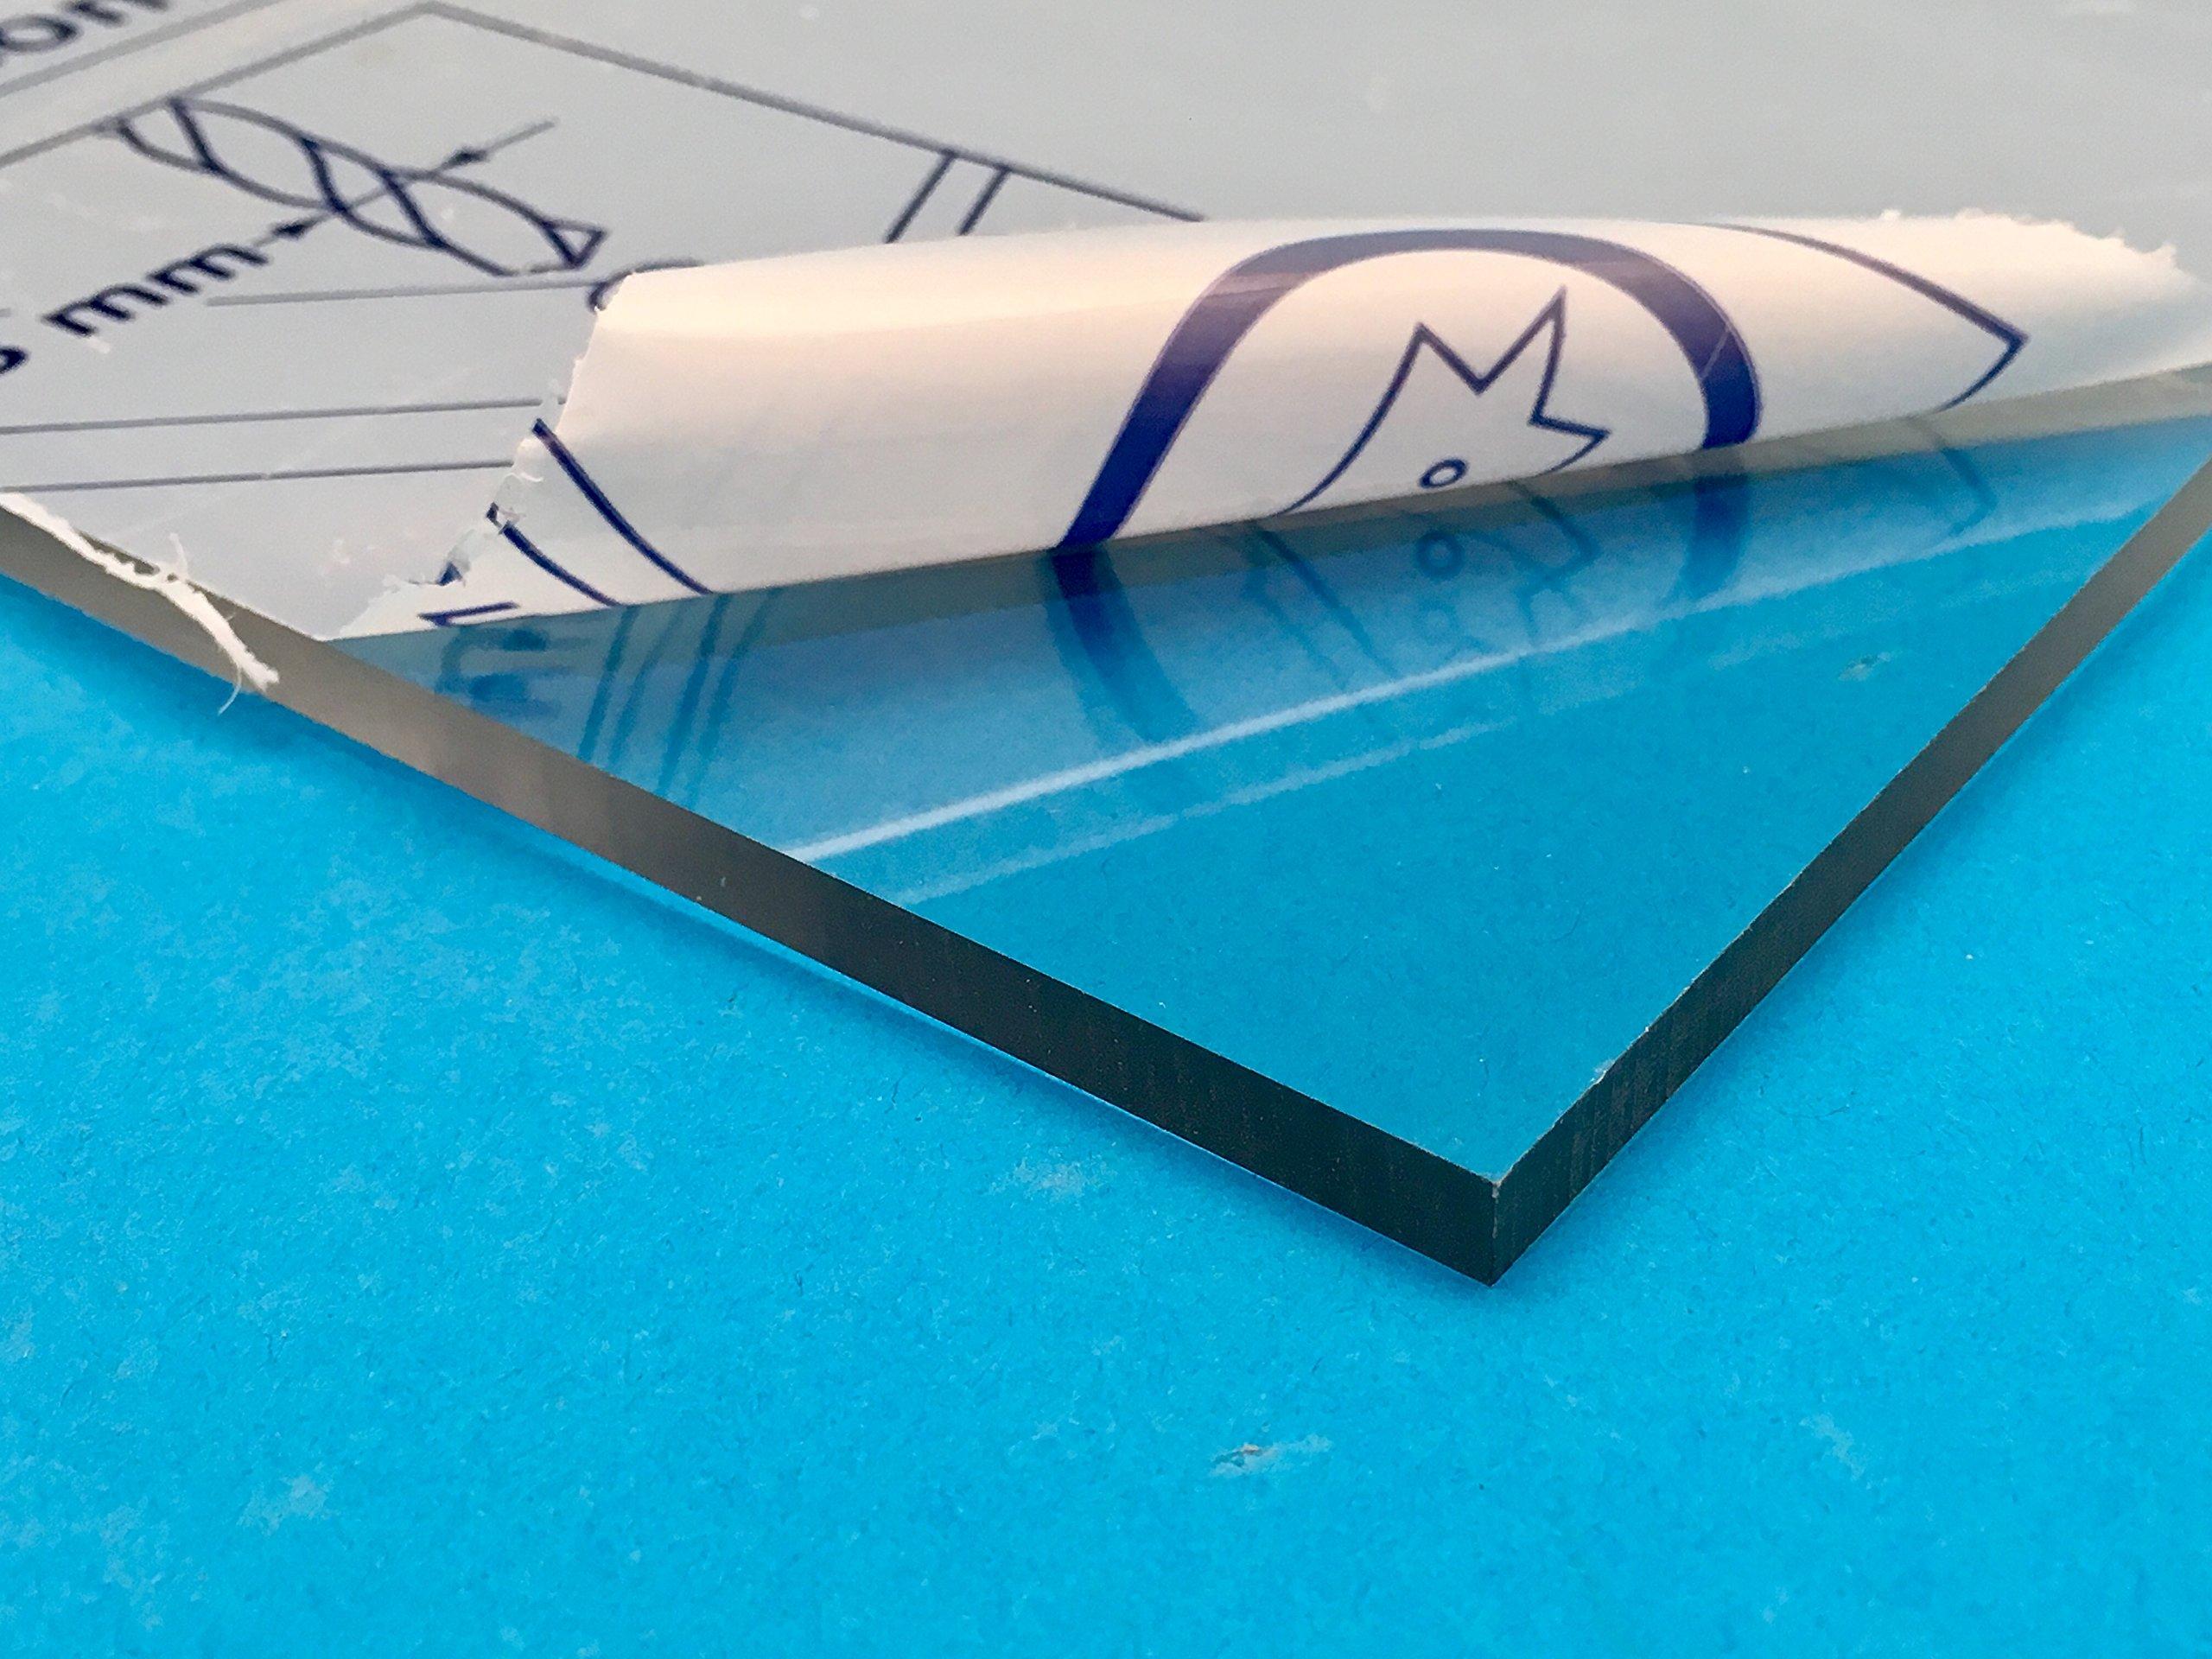 Clear Polycarbonate Lexan Sheet - 1/4'' (24'' x 48'')